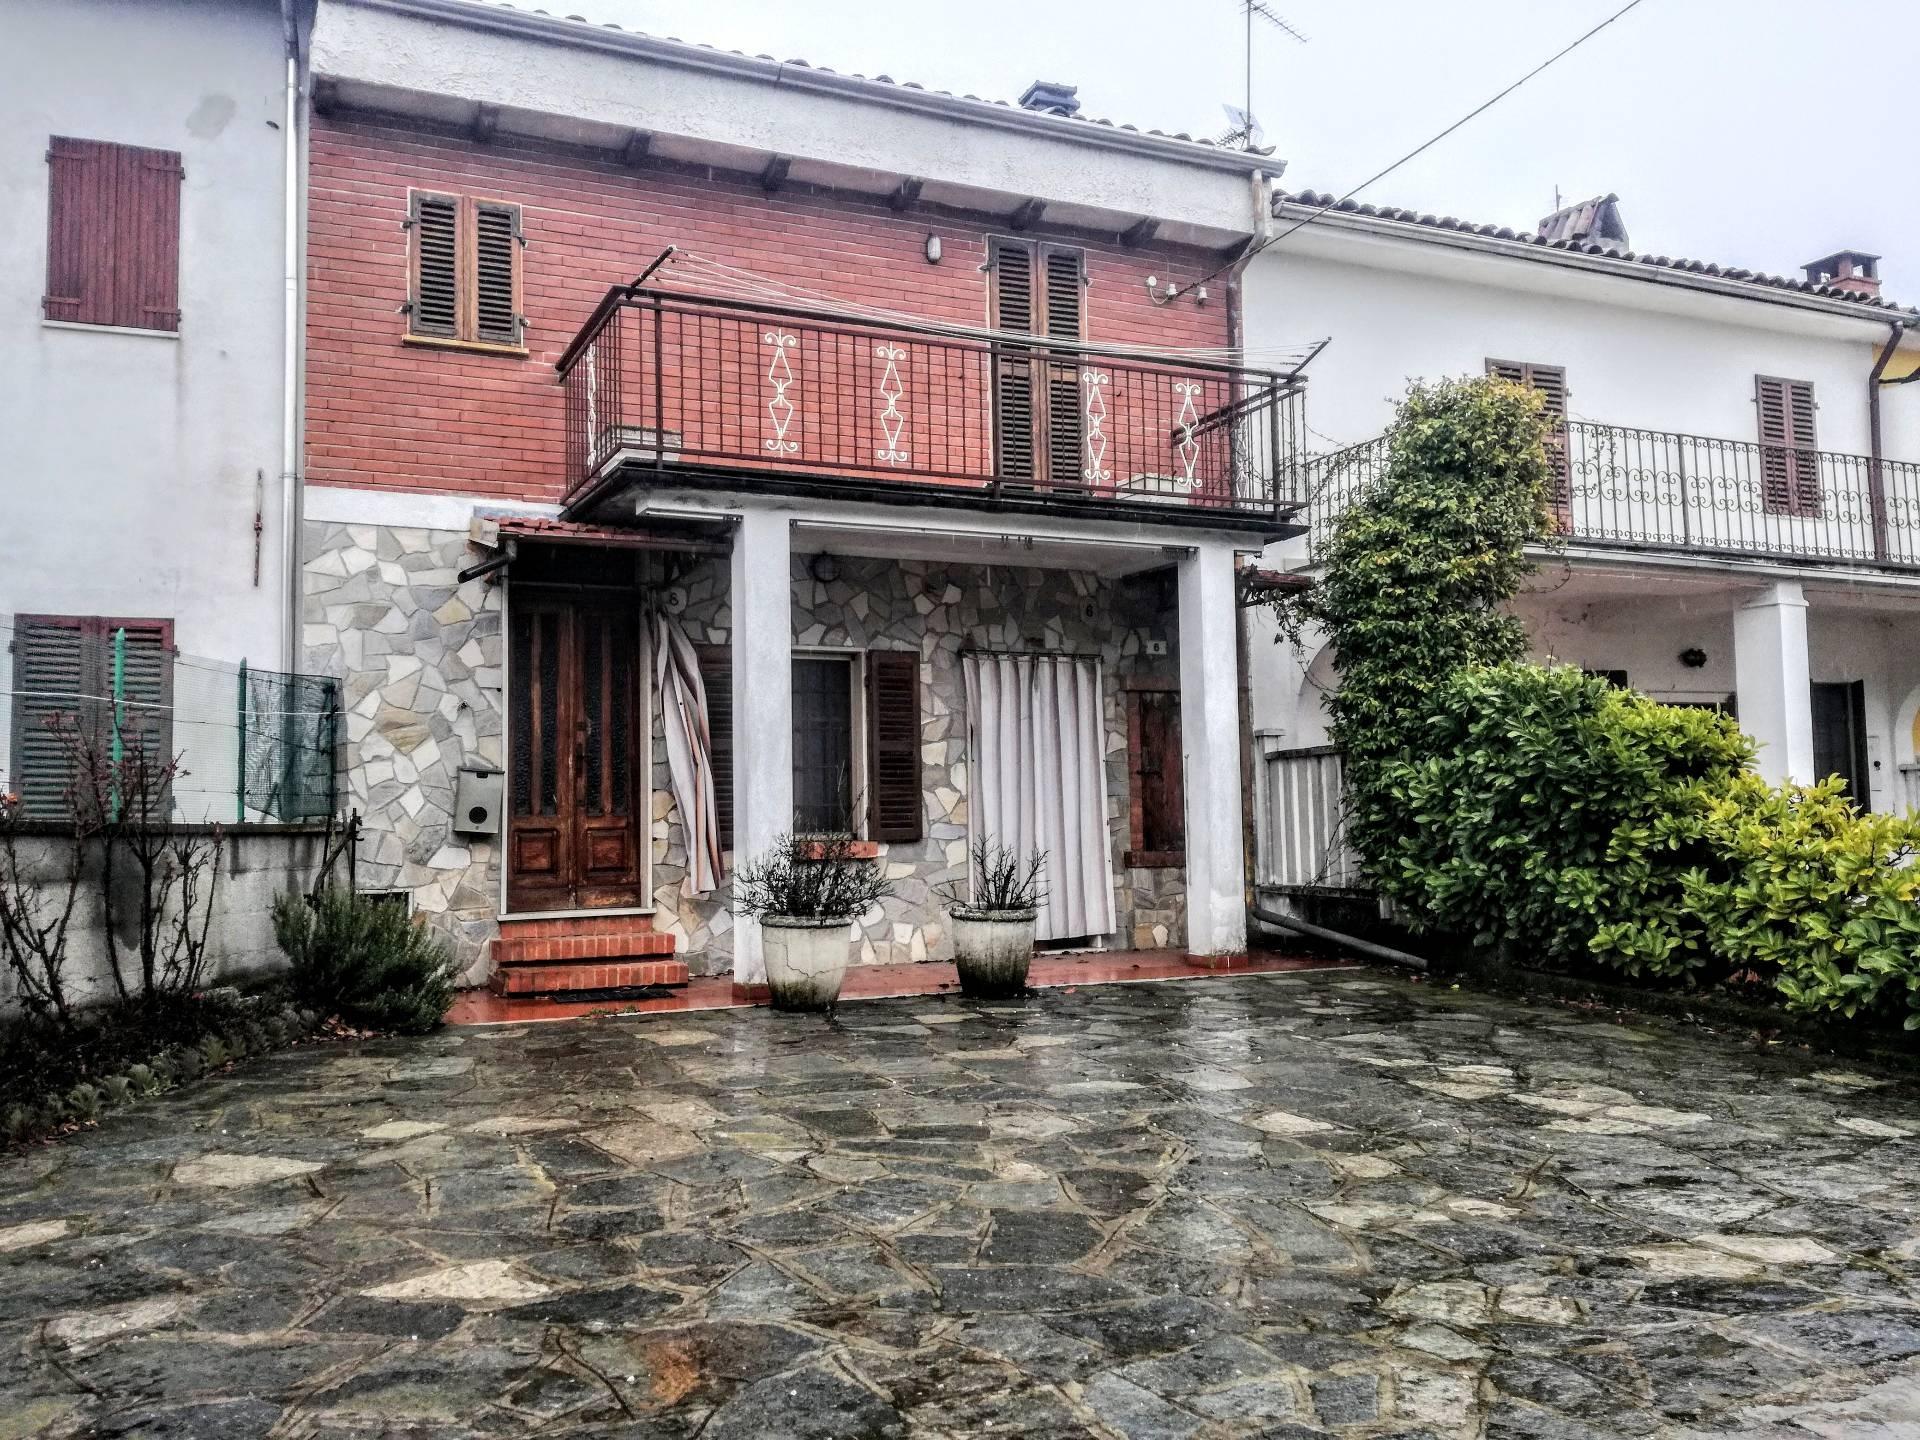 Soluzione Semindipendente in vendita a Camino, 5 locali, prezzo € 54.000 | CambioCasa.it